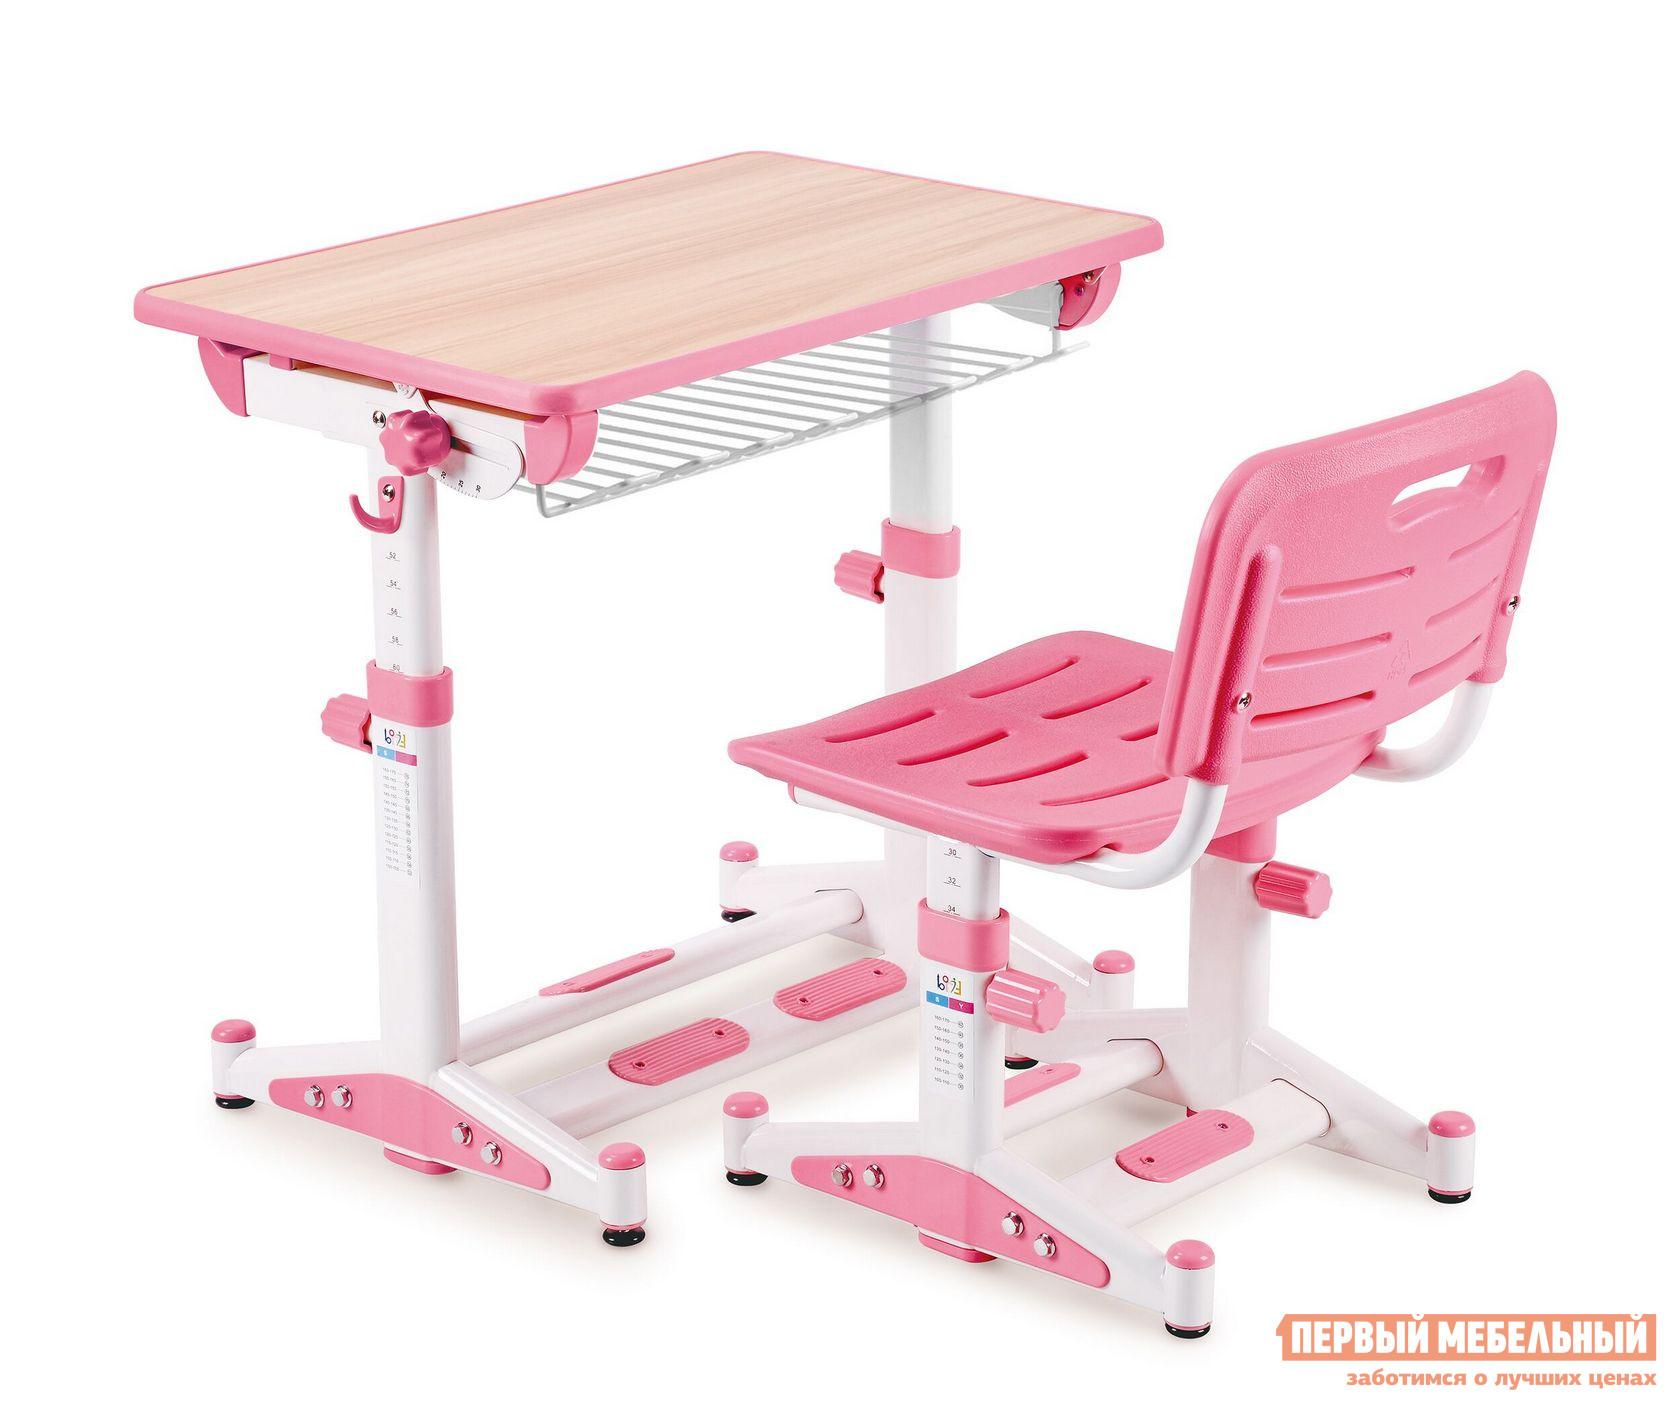 Парта Libao LK-09 Розовый Libao Габаритные размеры ВхШхГ 520 / 760x700x510 мм. Современный и эргономичный комплект для школьных занятий позволит на долгое время обеспечить ребенка правильной мебелью.  Яркое оформление изделий понравится детям и даже самые сложные уроки будут в радость.  Ортопедические спинка и сиденье стула разработаны так, чтобы сохранить правильную и красивую осанку ребенка с ранних лет. <br><br>Размер стола: 520 / 760 х 700 х 510 мм. <br>Размер стула: 300 / 440 х 380 х 340 мм. <br><br>Стульчик и парта регулируются по высоте.  Под столешницей расположена полочка для книг и тетрадей.  Угол наклона столешницы регулируется в диапазоне от 10 до 45 градусов, помогая настроить ее для различных целей: чтения, письма или рисования.   Стул оснащен решетчатыми сиденьем и спинкой для оптимальной вентиляции. <br>Столешница выполнена из МДФ.  Стул и парт изготовлены из стальной трубы и экологически чистого полипропилена. <br>